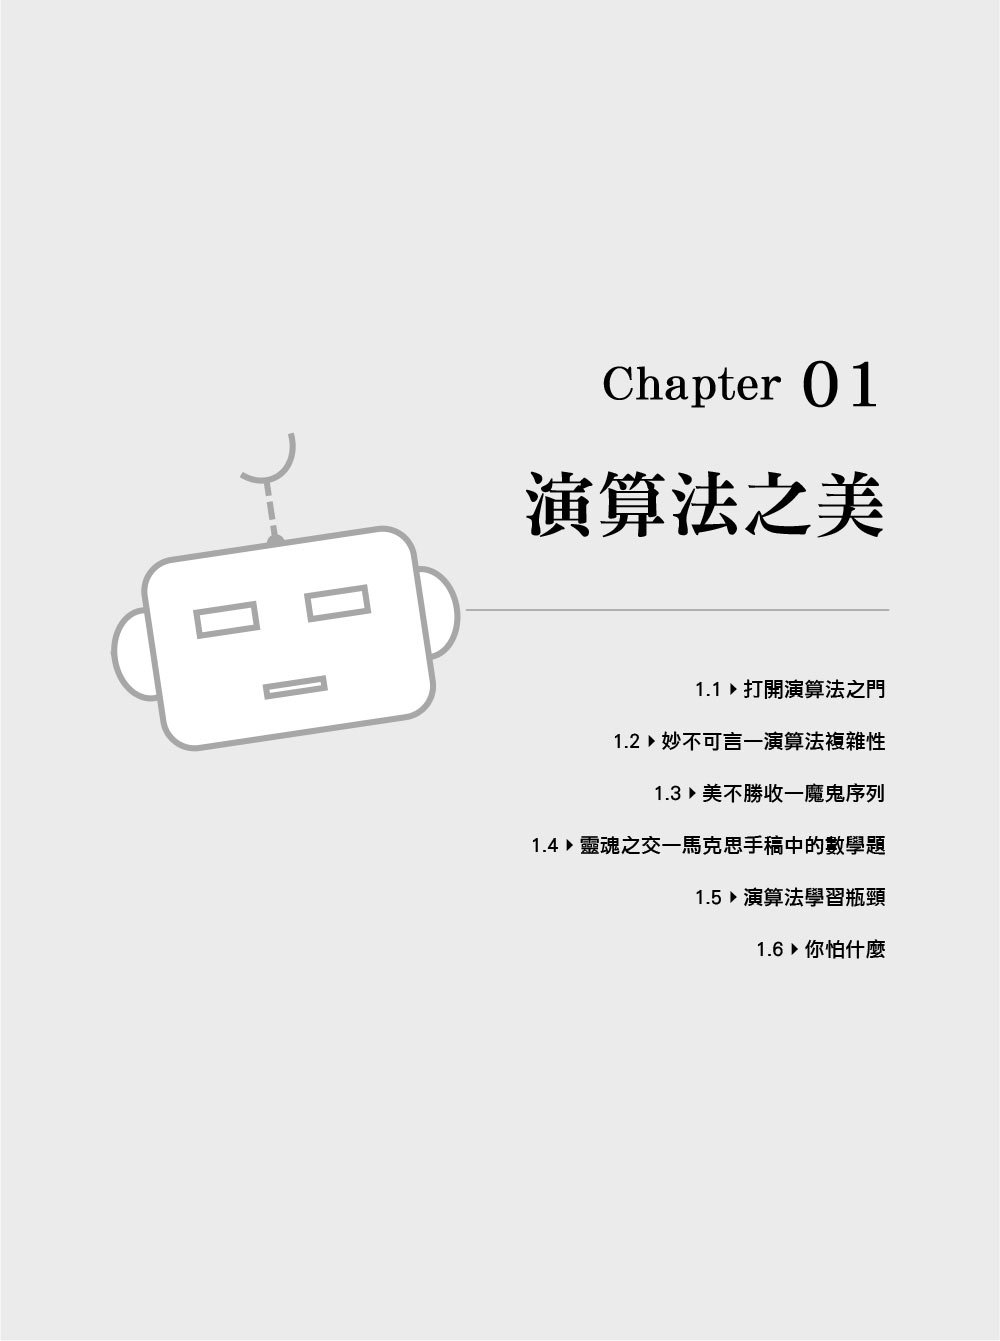 趣學演算法|50種必學演算法的完美圖解與應用實作-preview-4